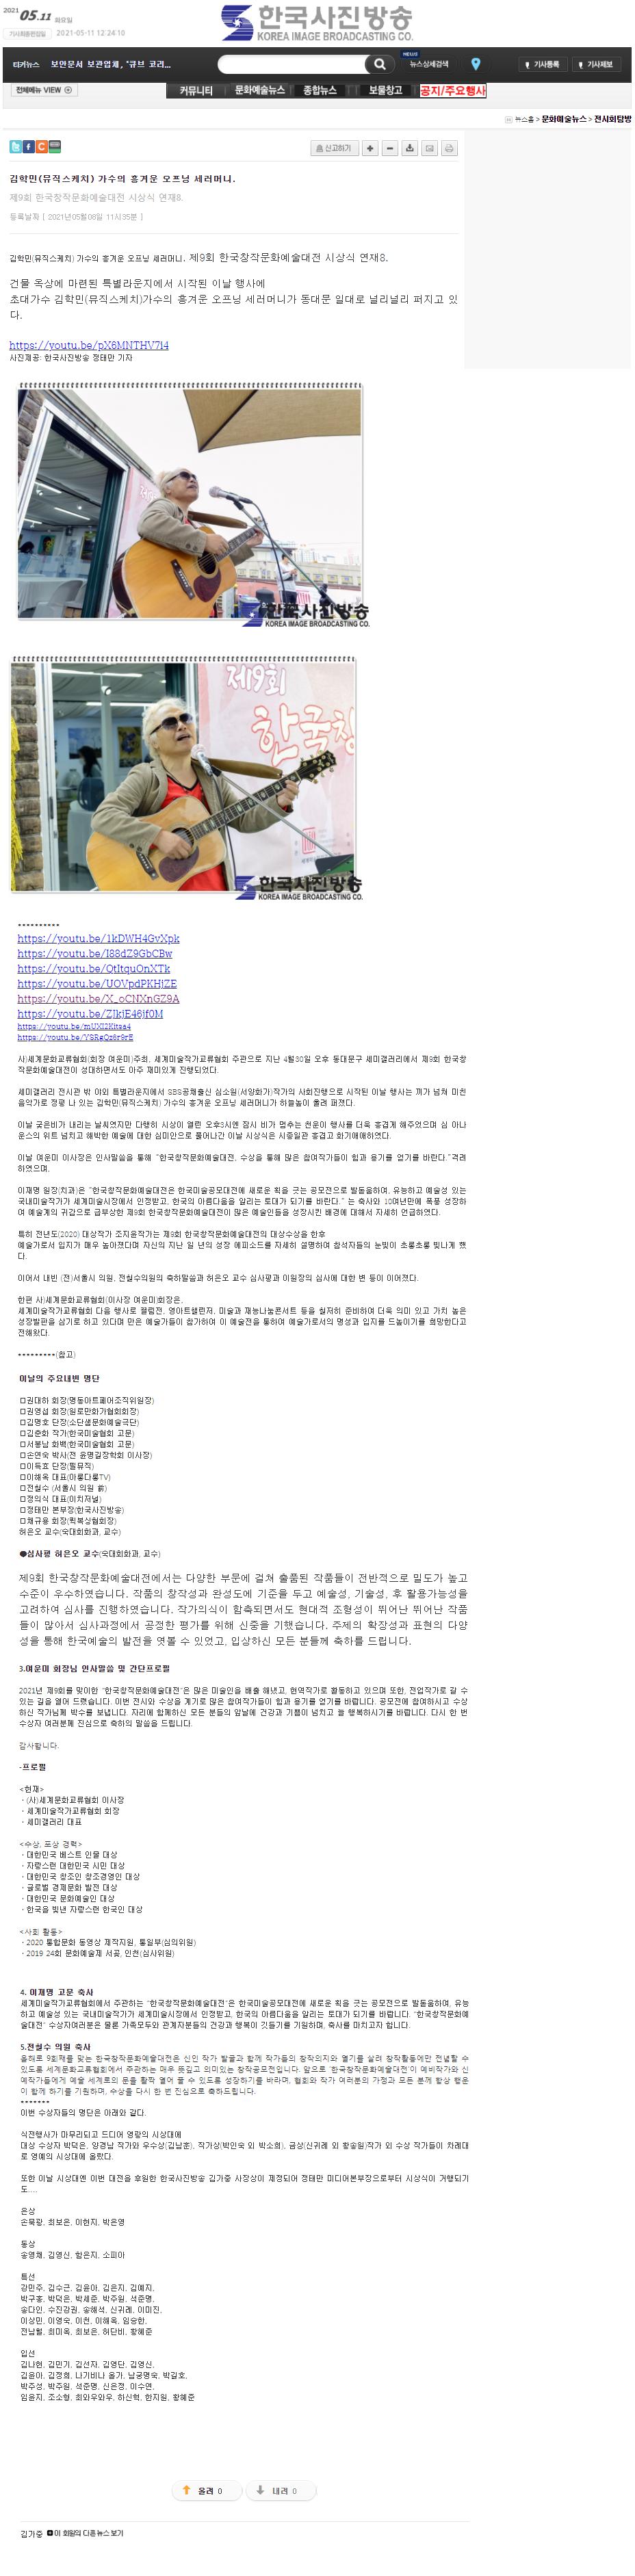 5_한국사진방송_제9회한국창작문화예술대전.png